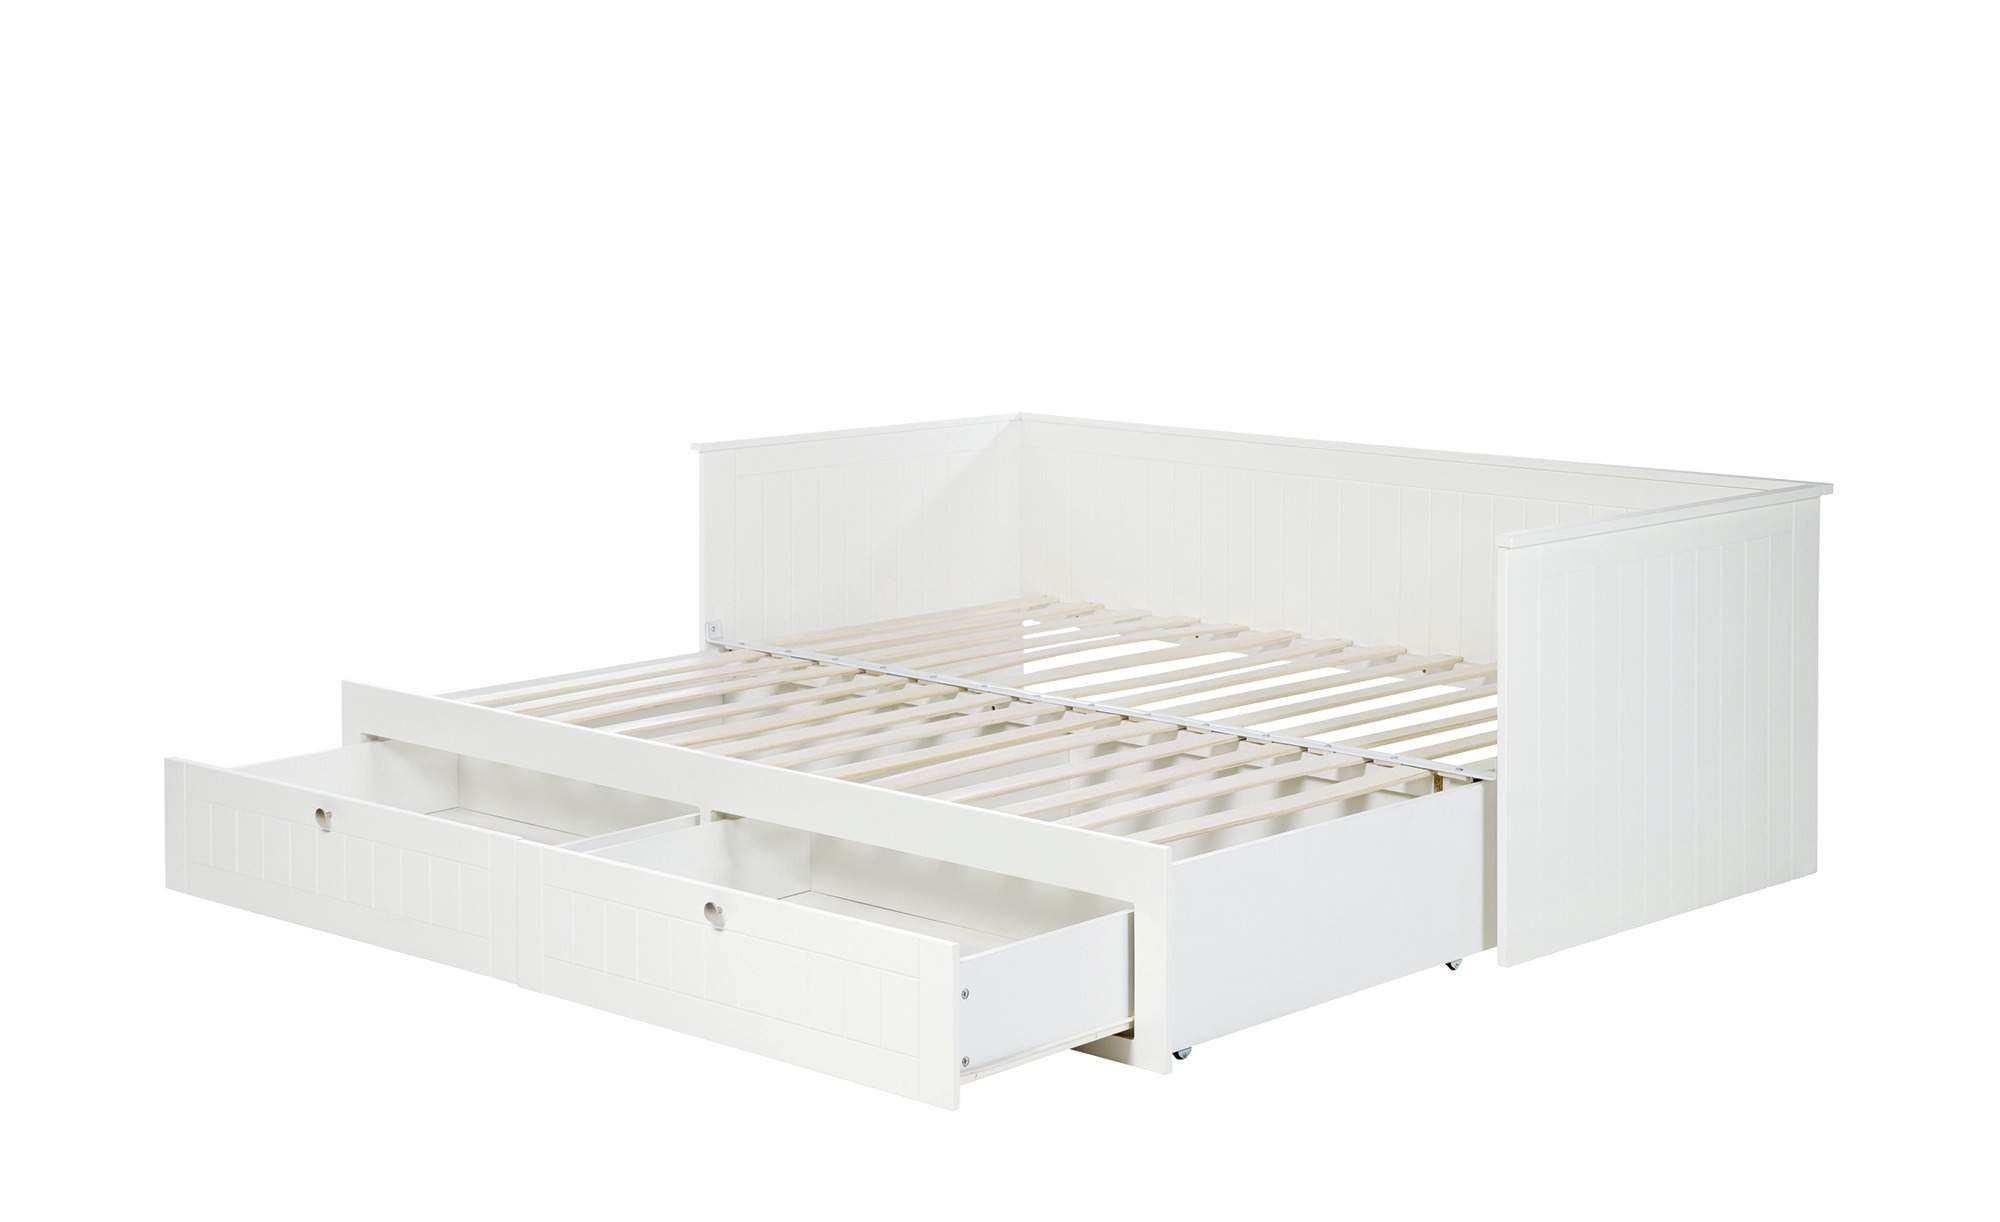 Full Size of Ausziehbares Doppelbett Ausziehbare Doppelbettcouch Ikea Bett Ausziehbar Watersoftnerguide Gp Fhrung Beste Wohnzimmer Ausziehbares Doppelbett